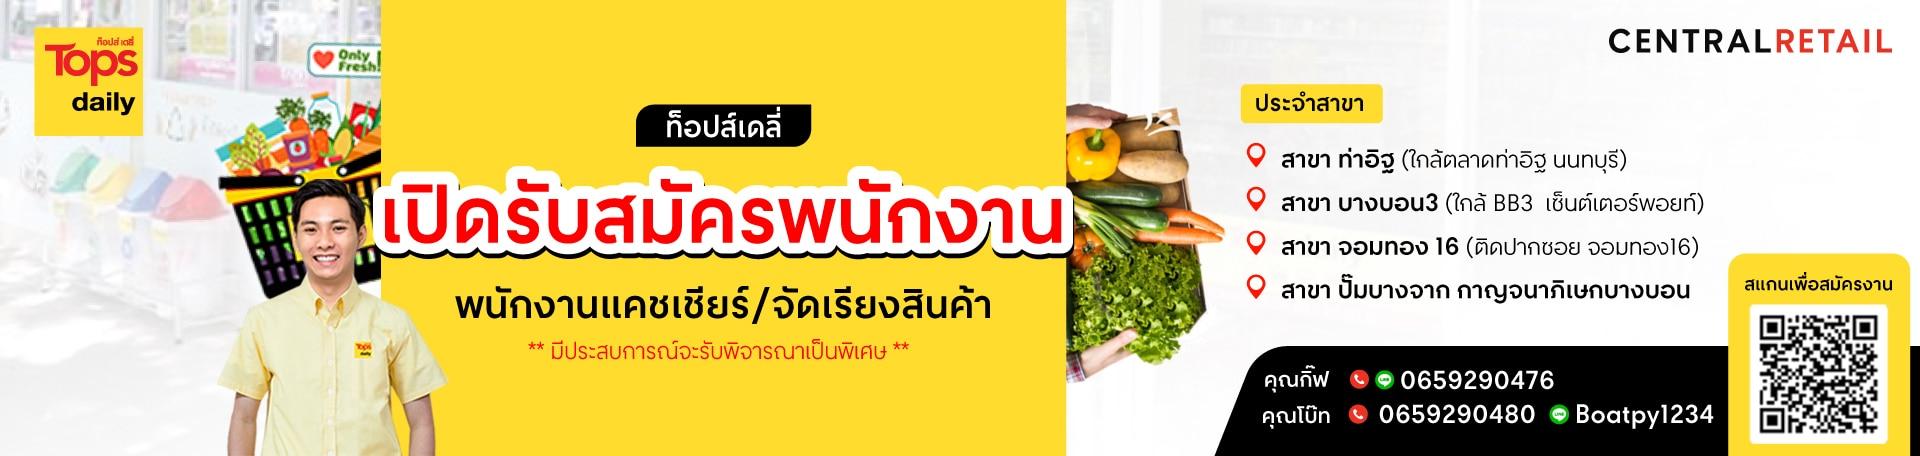 สมัครงาน tops daily bangkok